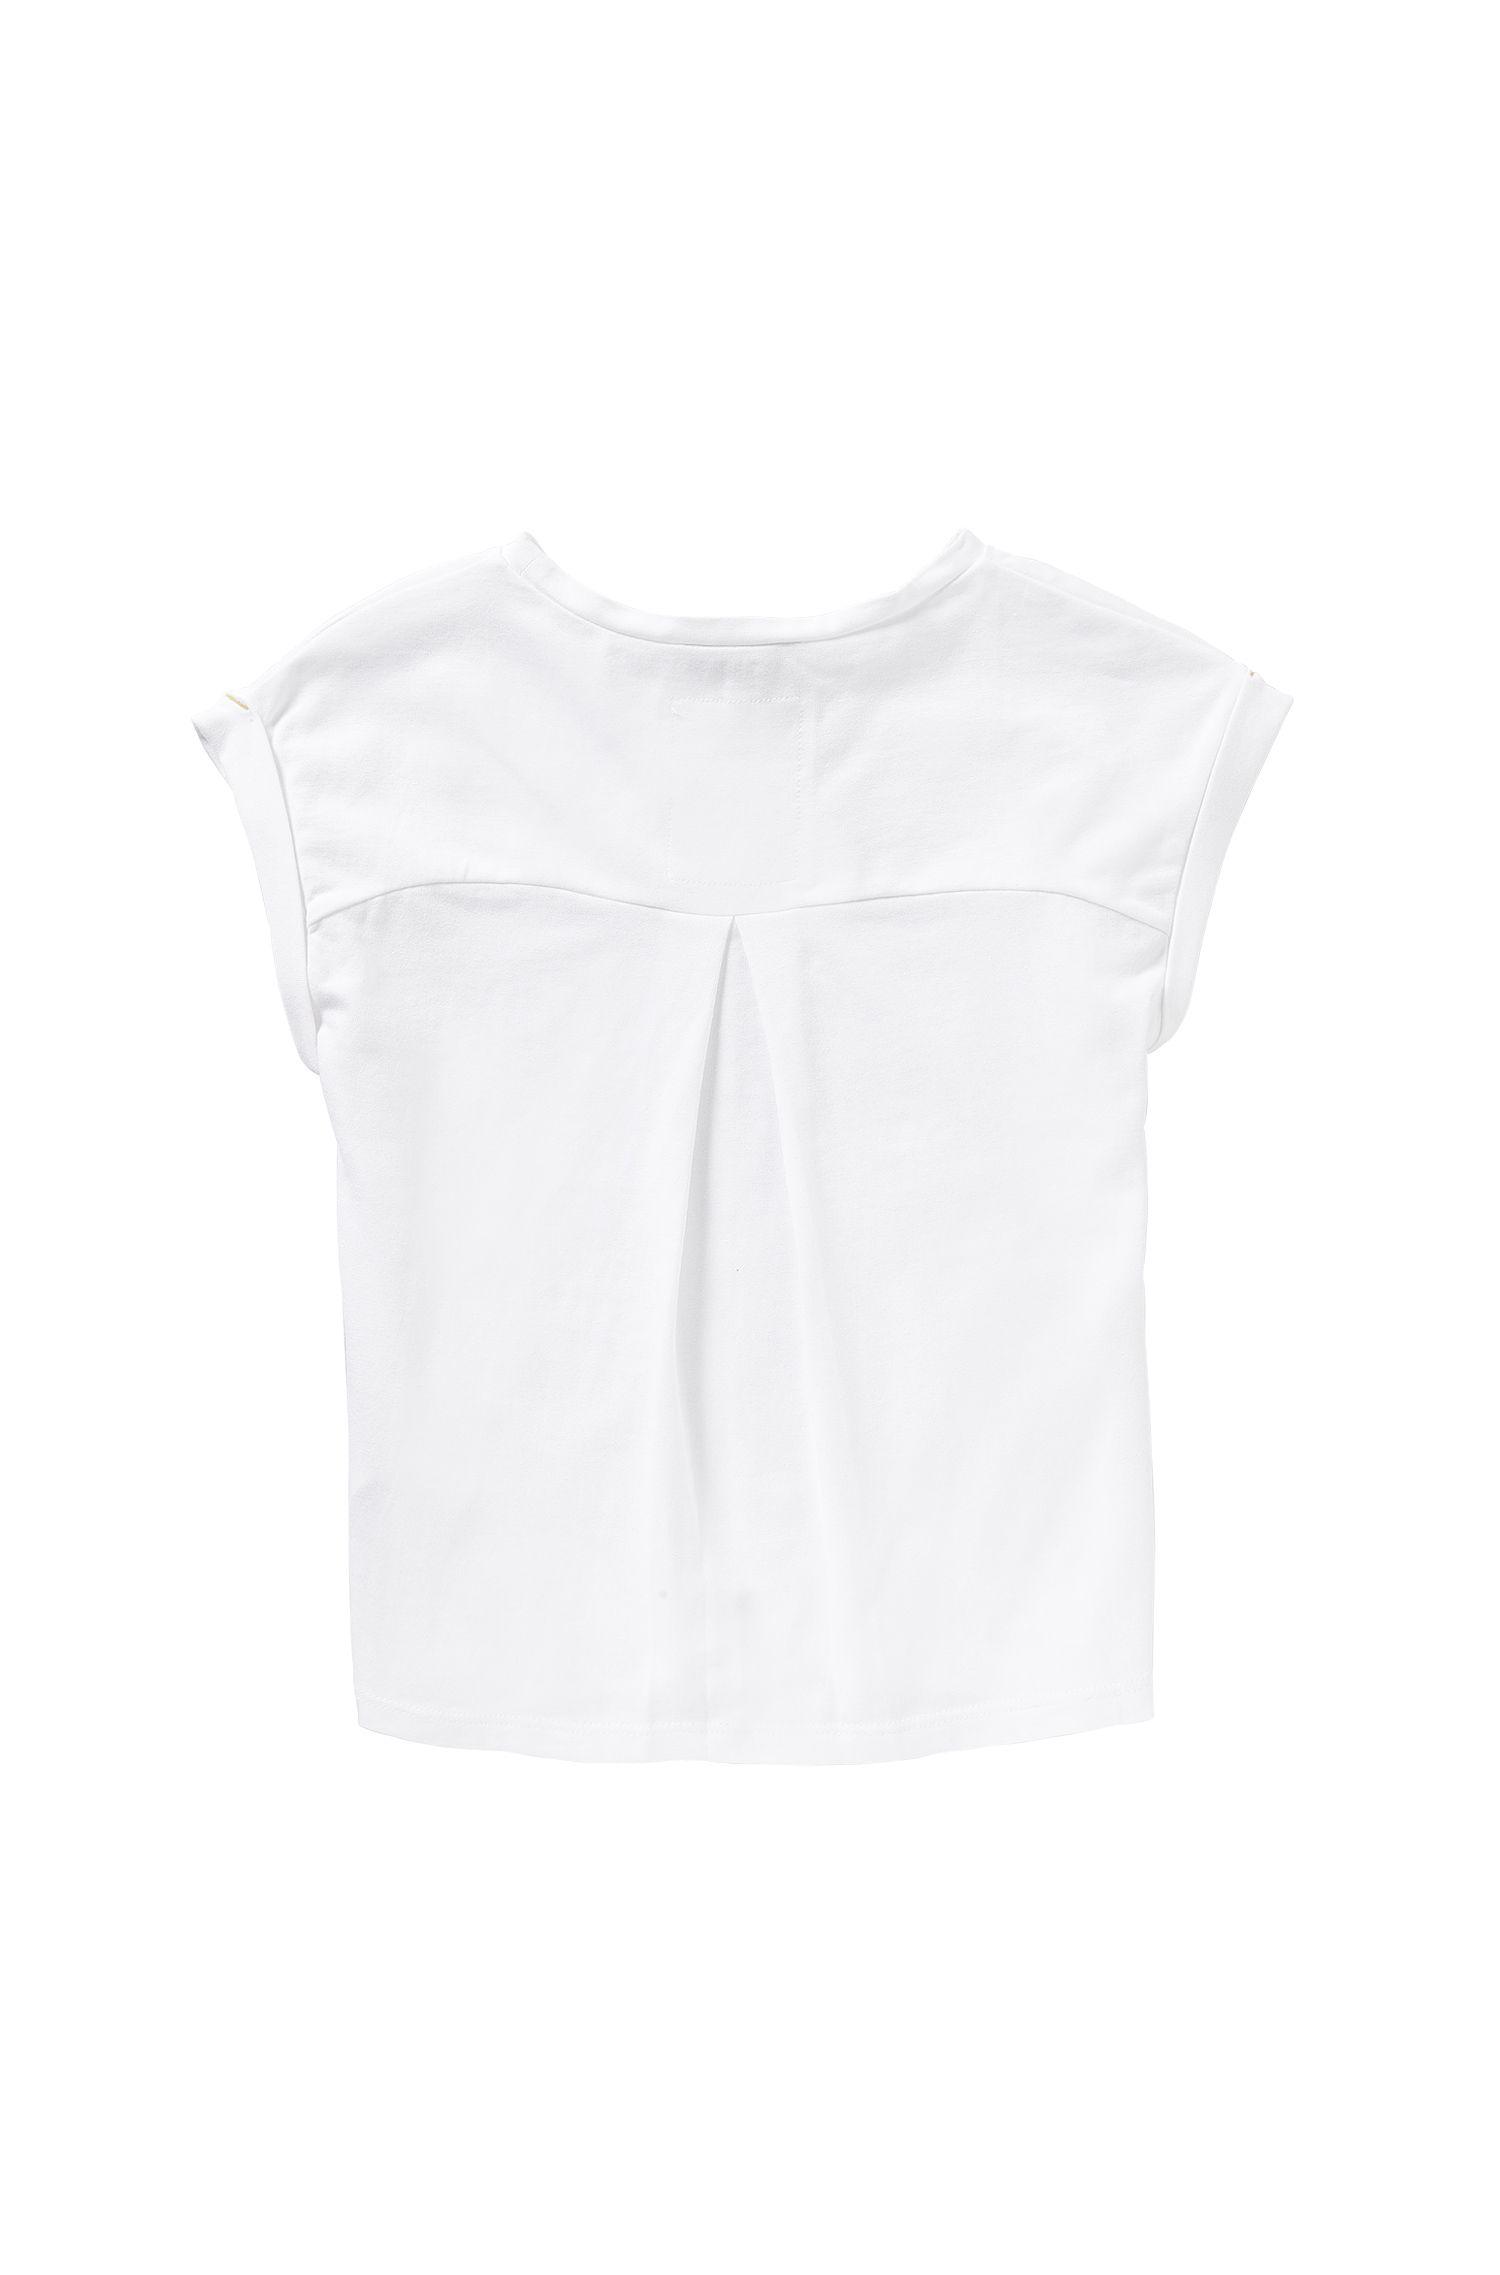 Kinder-T-shirt van stretchkatoen met frontprint: 'J15337'